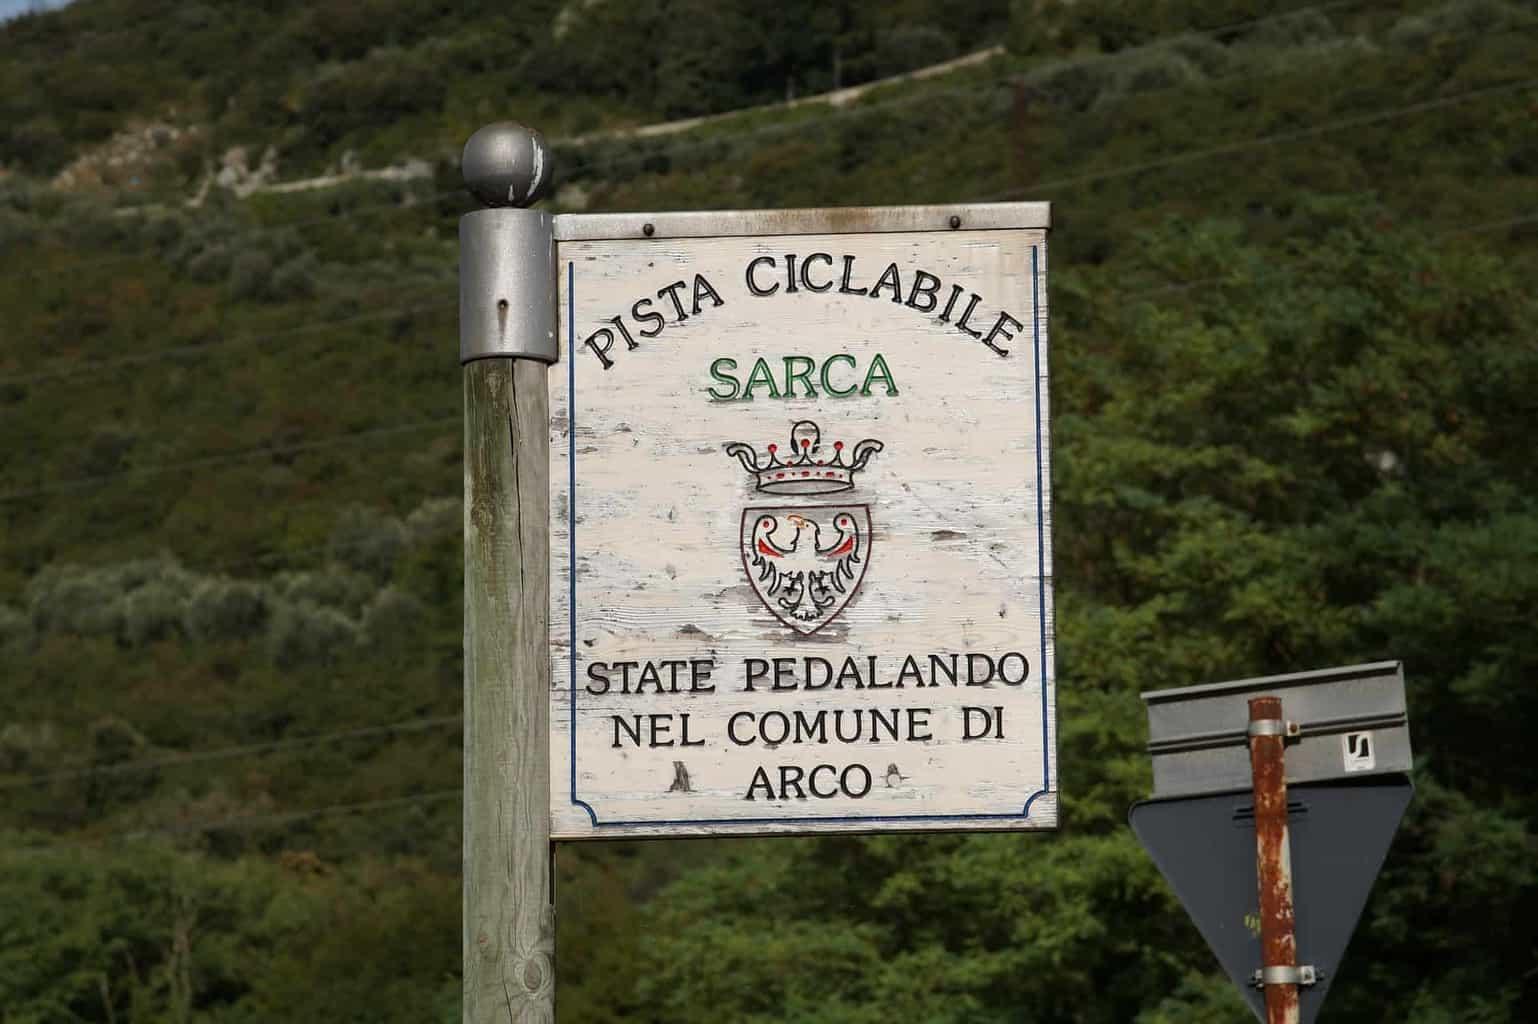 La ciclabile del Sarca tra Trento e Riva del Garda